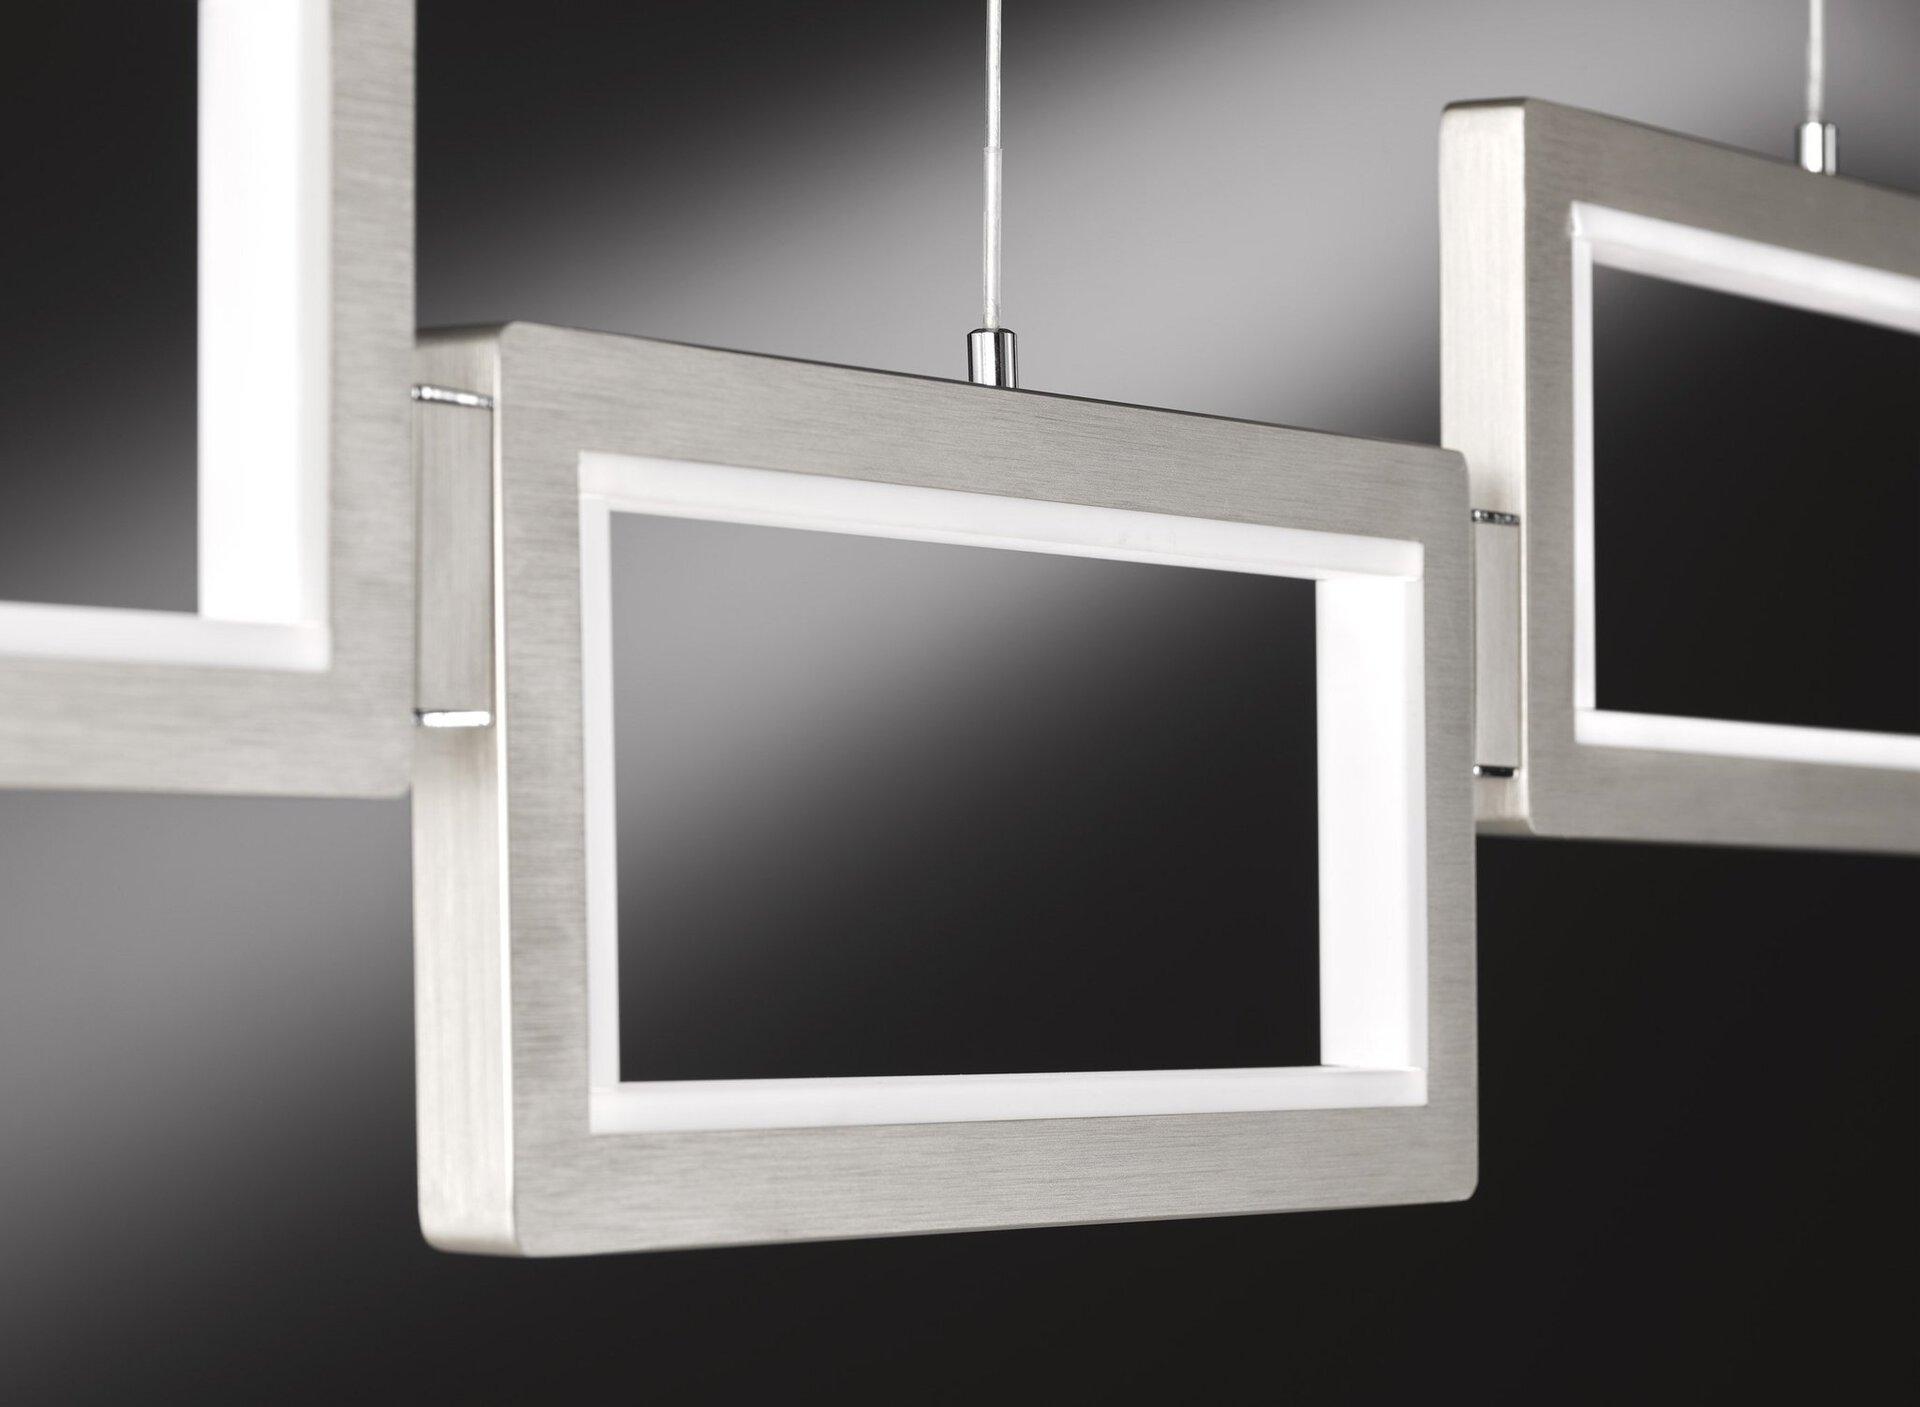 Pendelleuchte Viso Wofi Leuchten Kunststoff silber 23 x 150 x 129 cm